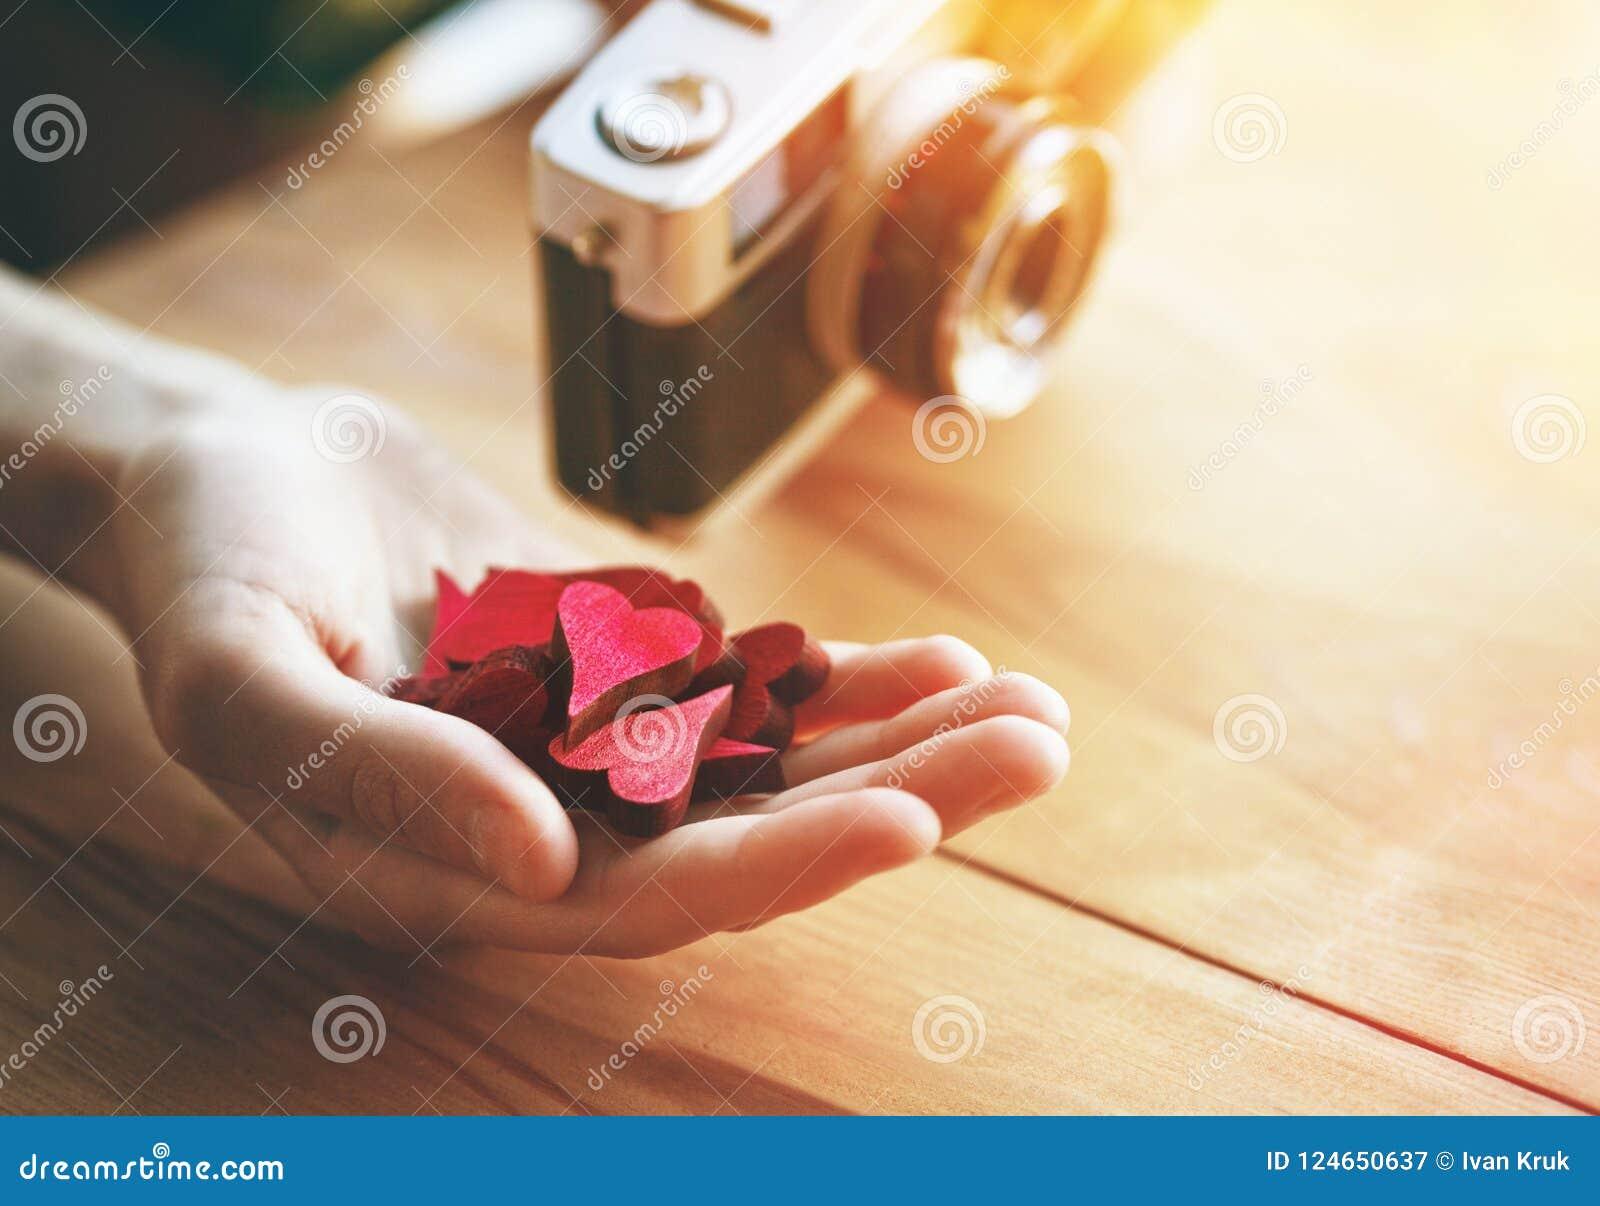 χέρι με τις καρδιές όπως όπως το σύμβολο στα κοινωνικά μέσα